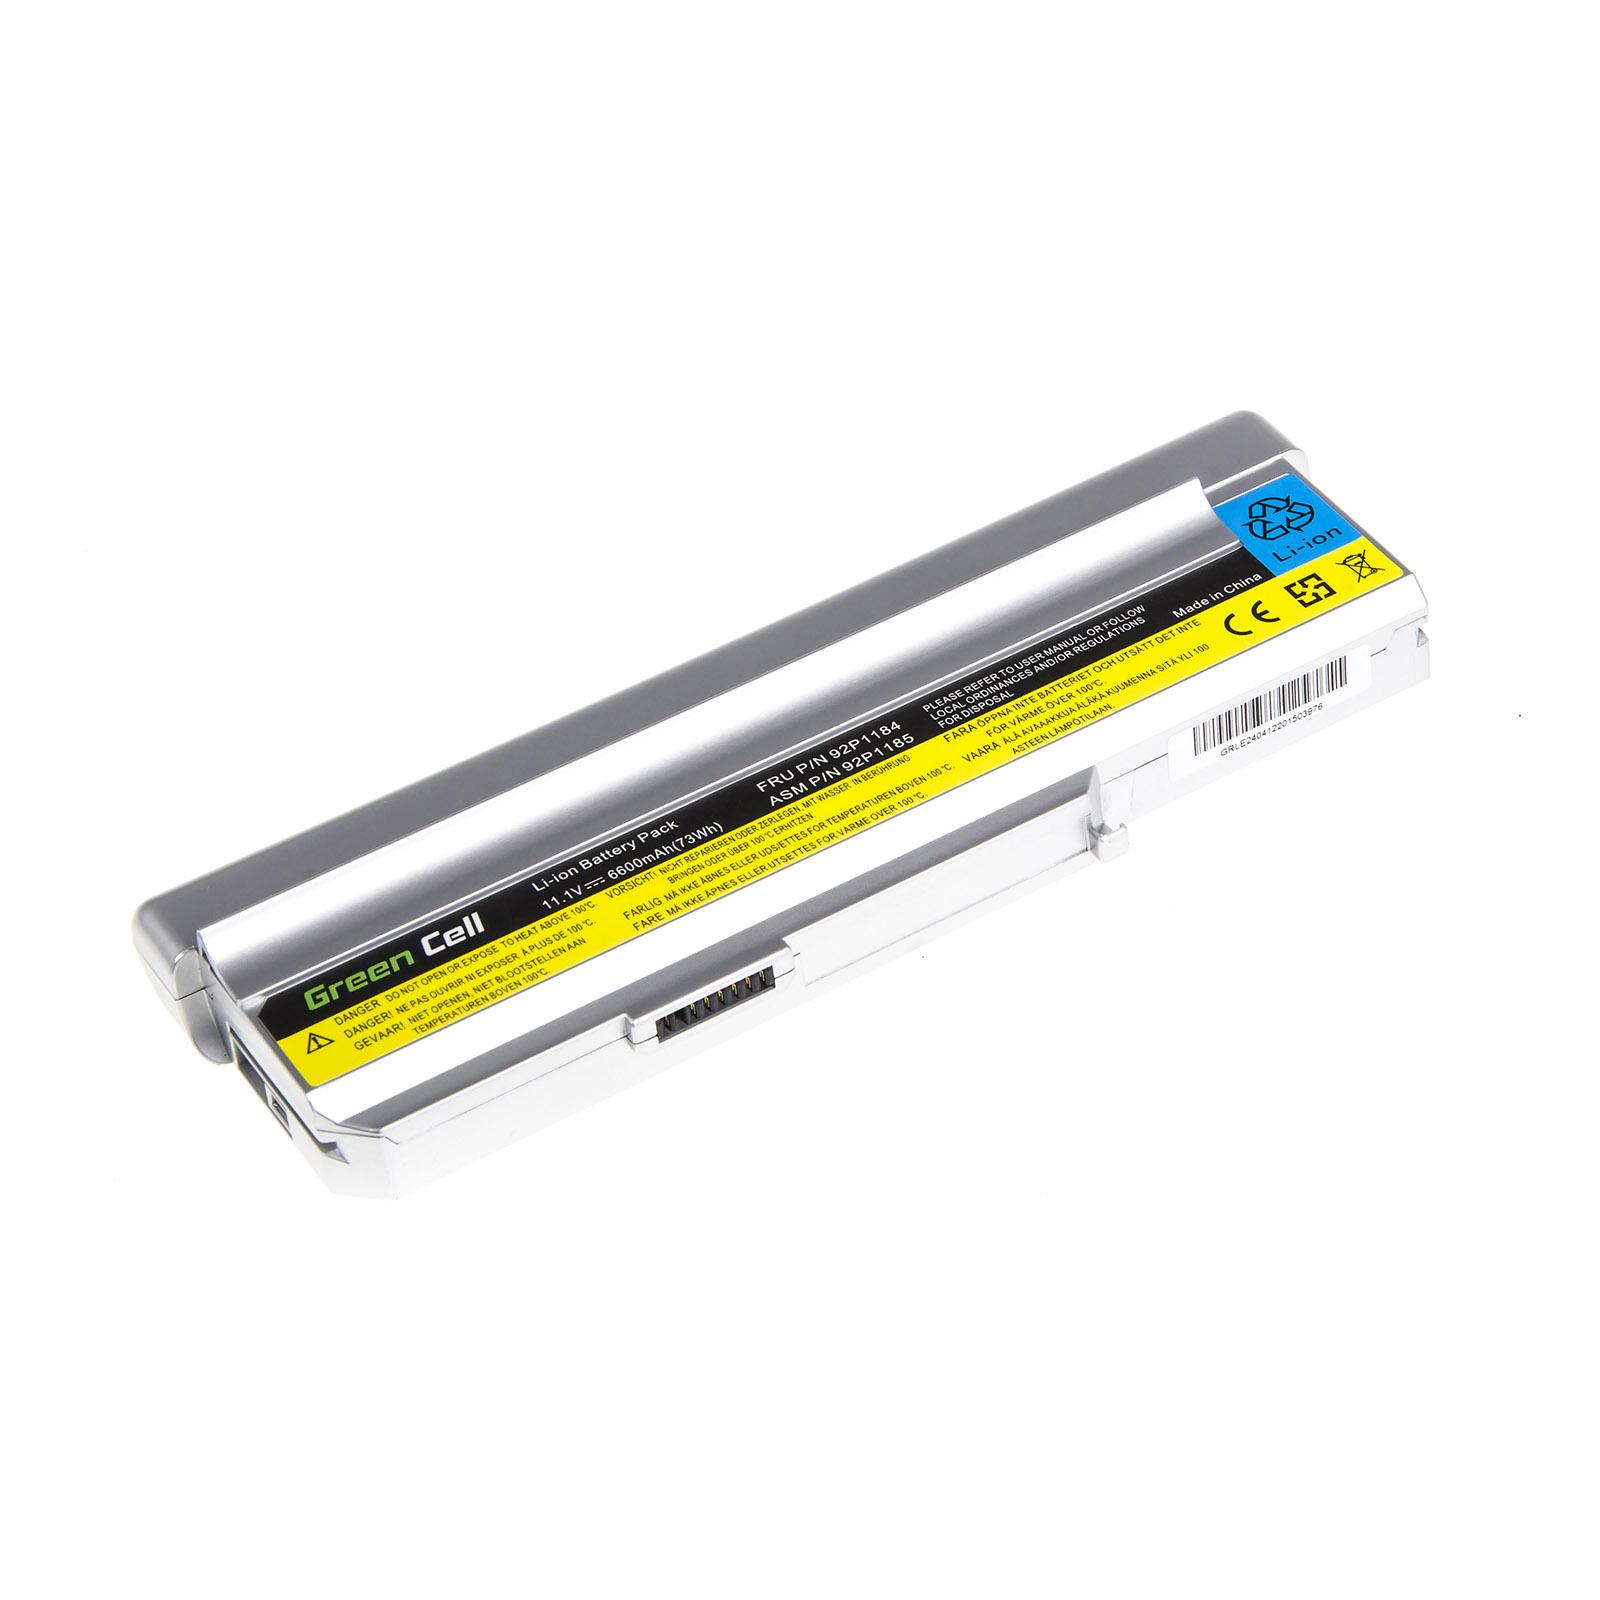 battery for lenovo 3000 n100 n200 c200 laptop 6600mah